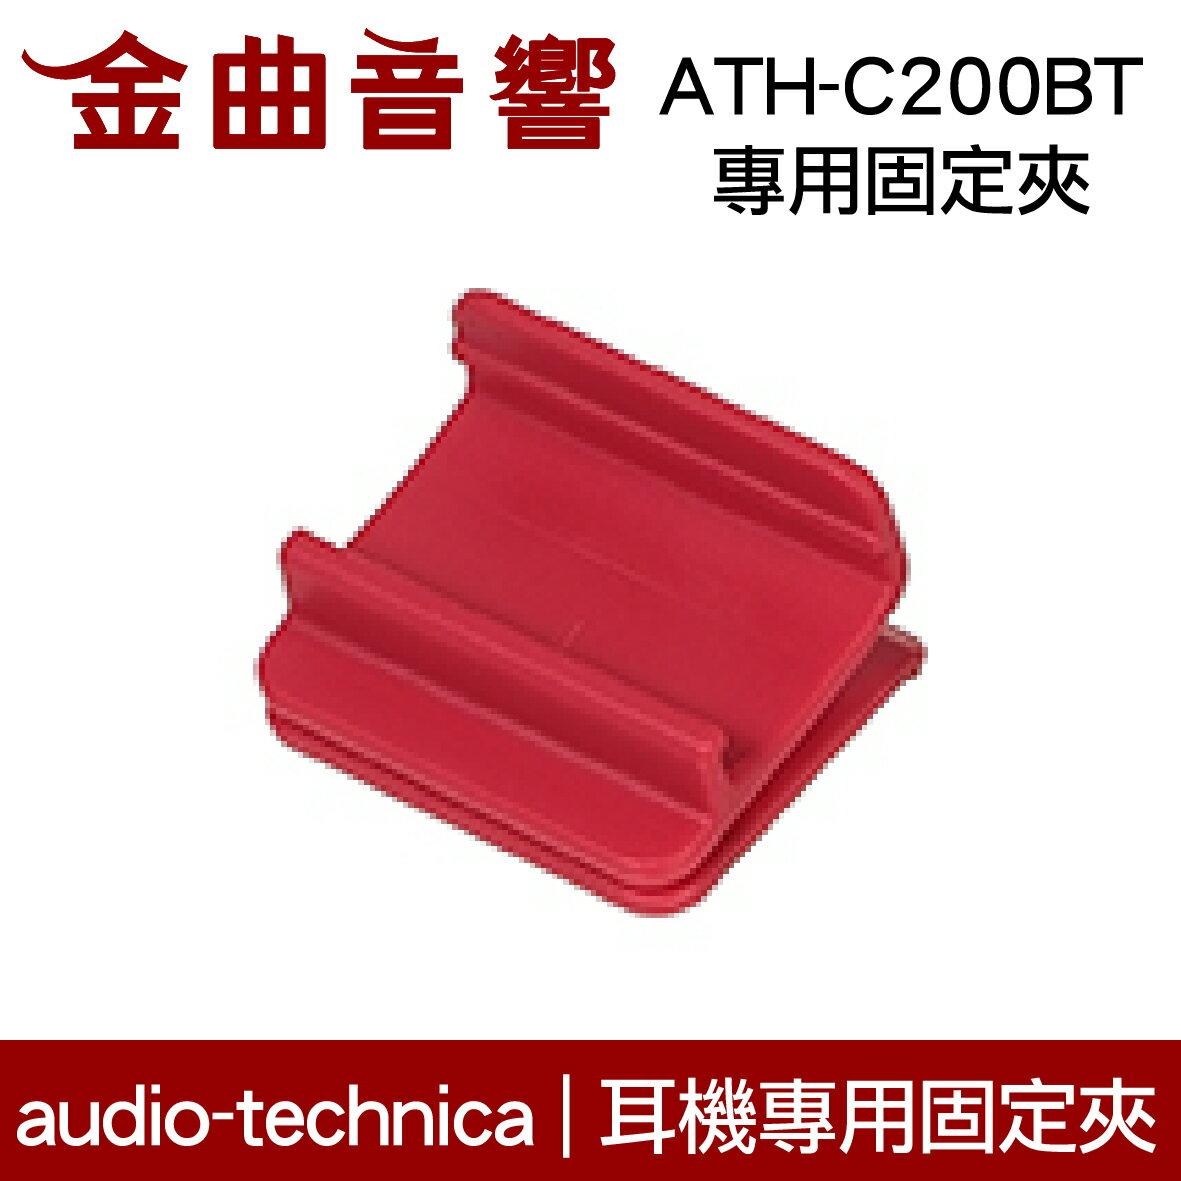 鐵三角 紅色 固定夾 適用 ATH-C200BT 耳機 專用夾   金曲音響